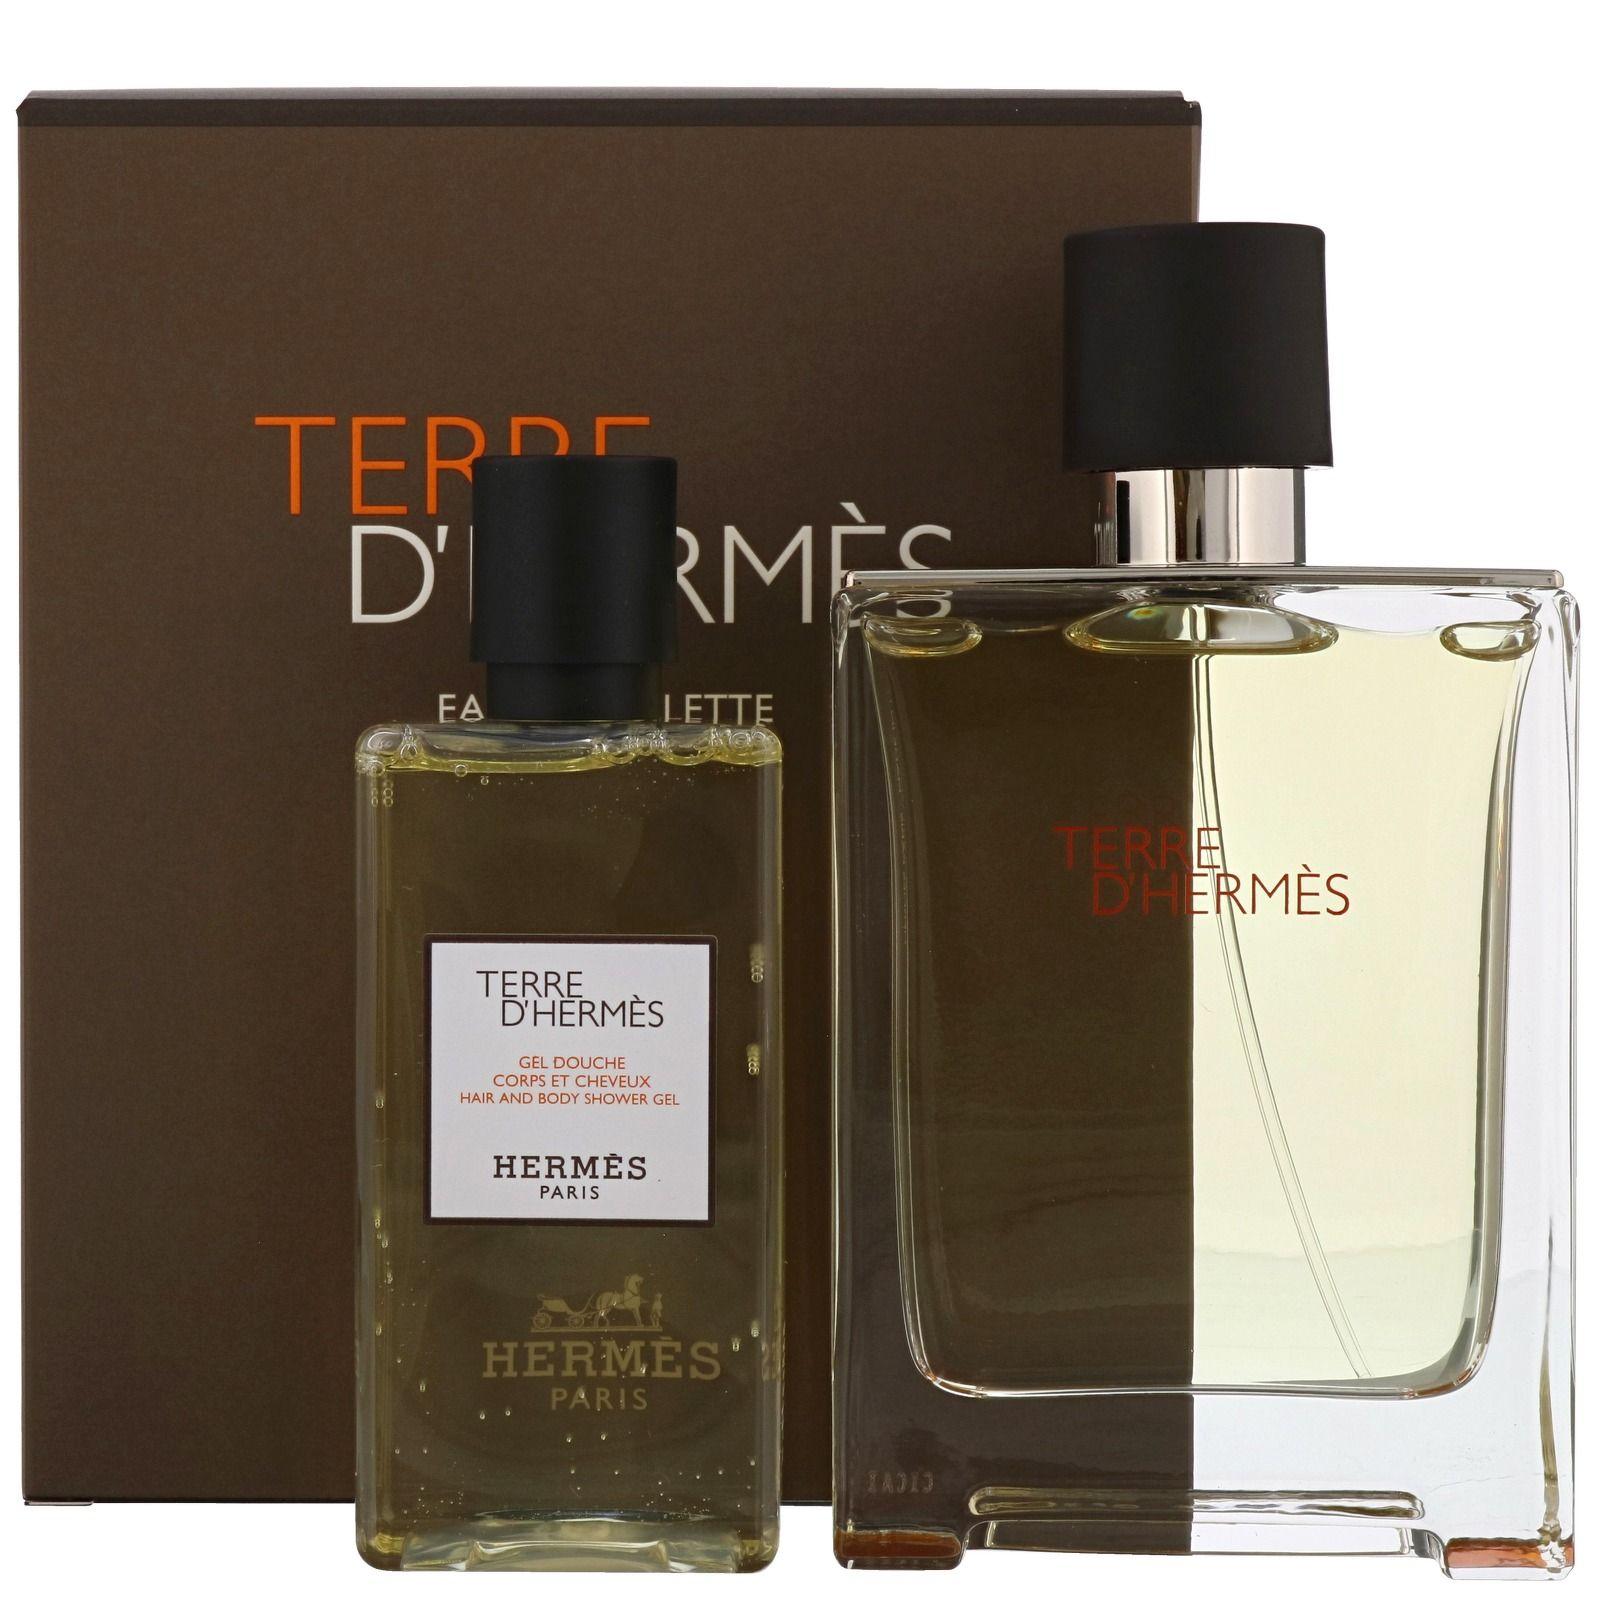 HERMÈS Terre d'Hermès Eau de Toilette 100ml Fragrance Gift Set - £61.74 Delivered @ All Beauty